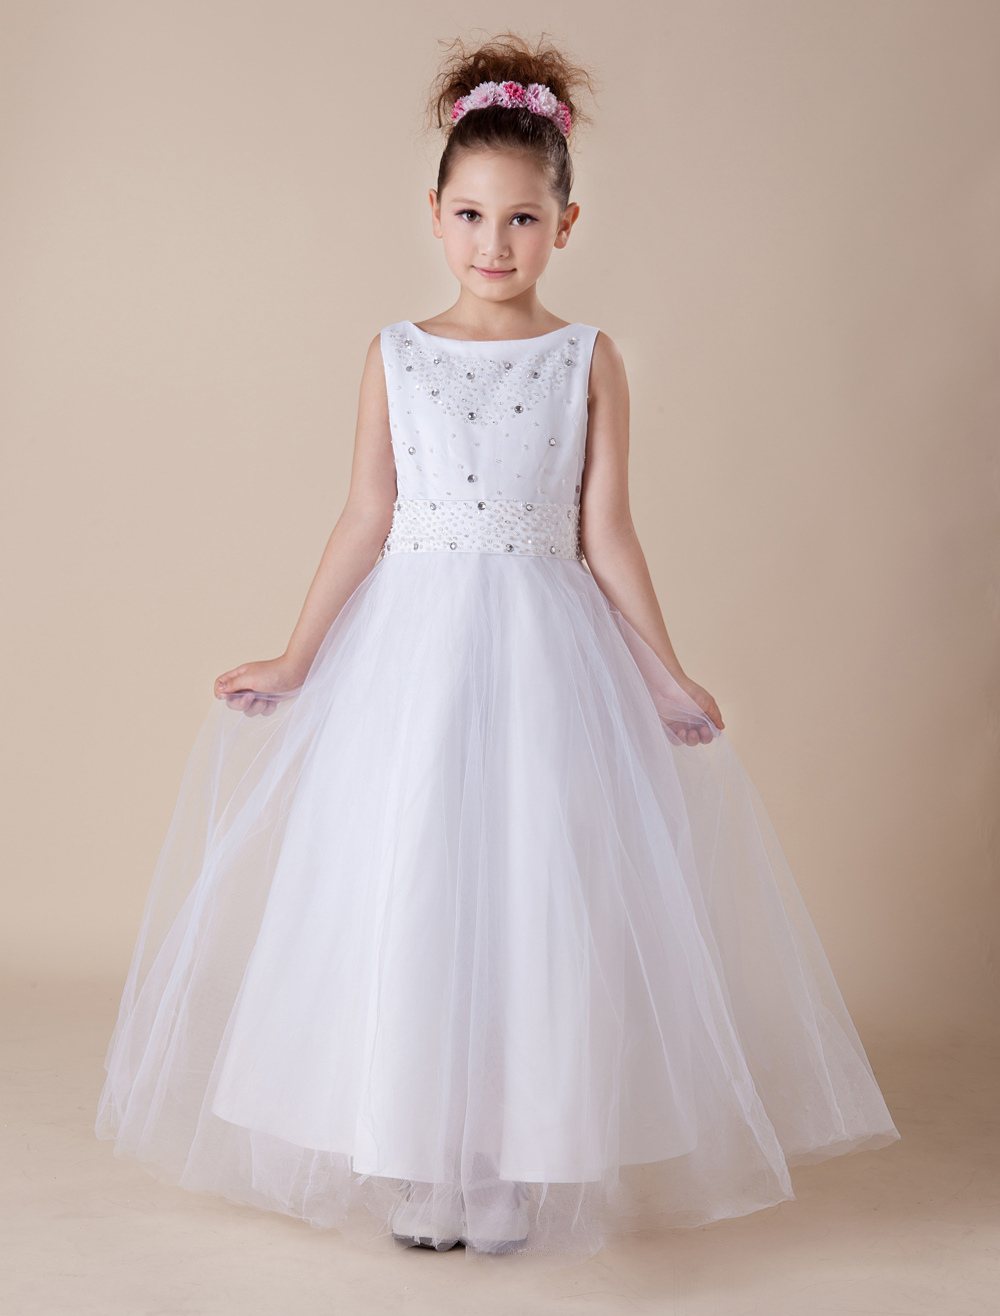 Vestidos de primera comunion para nina cortos